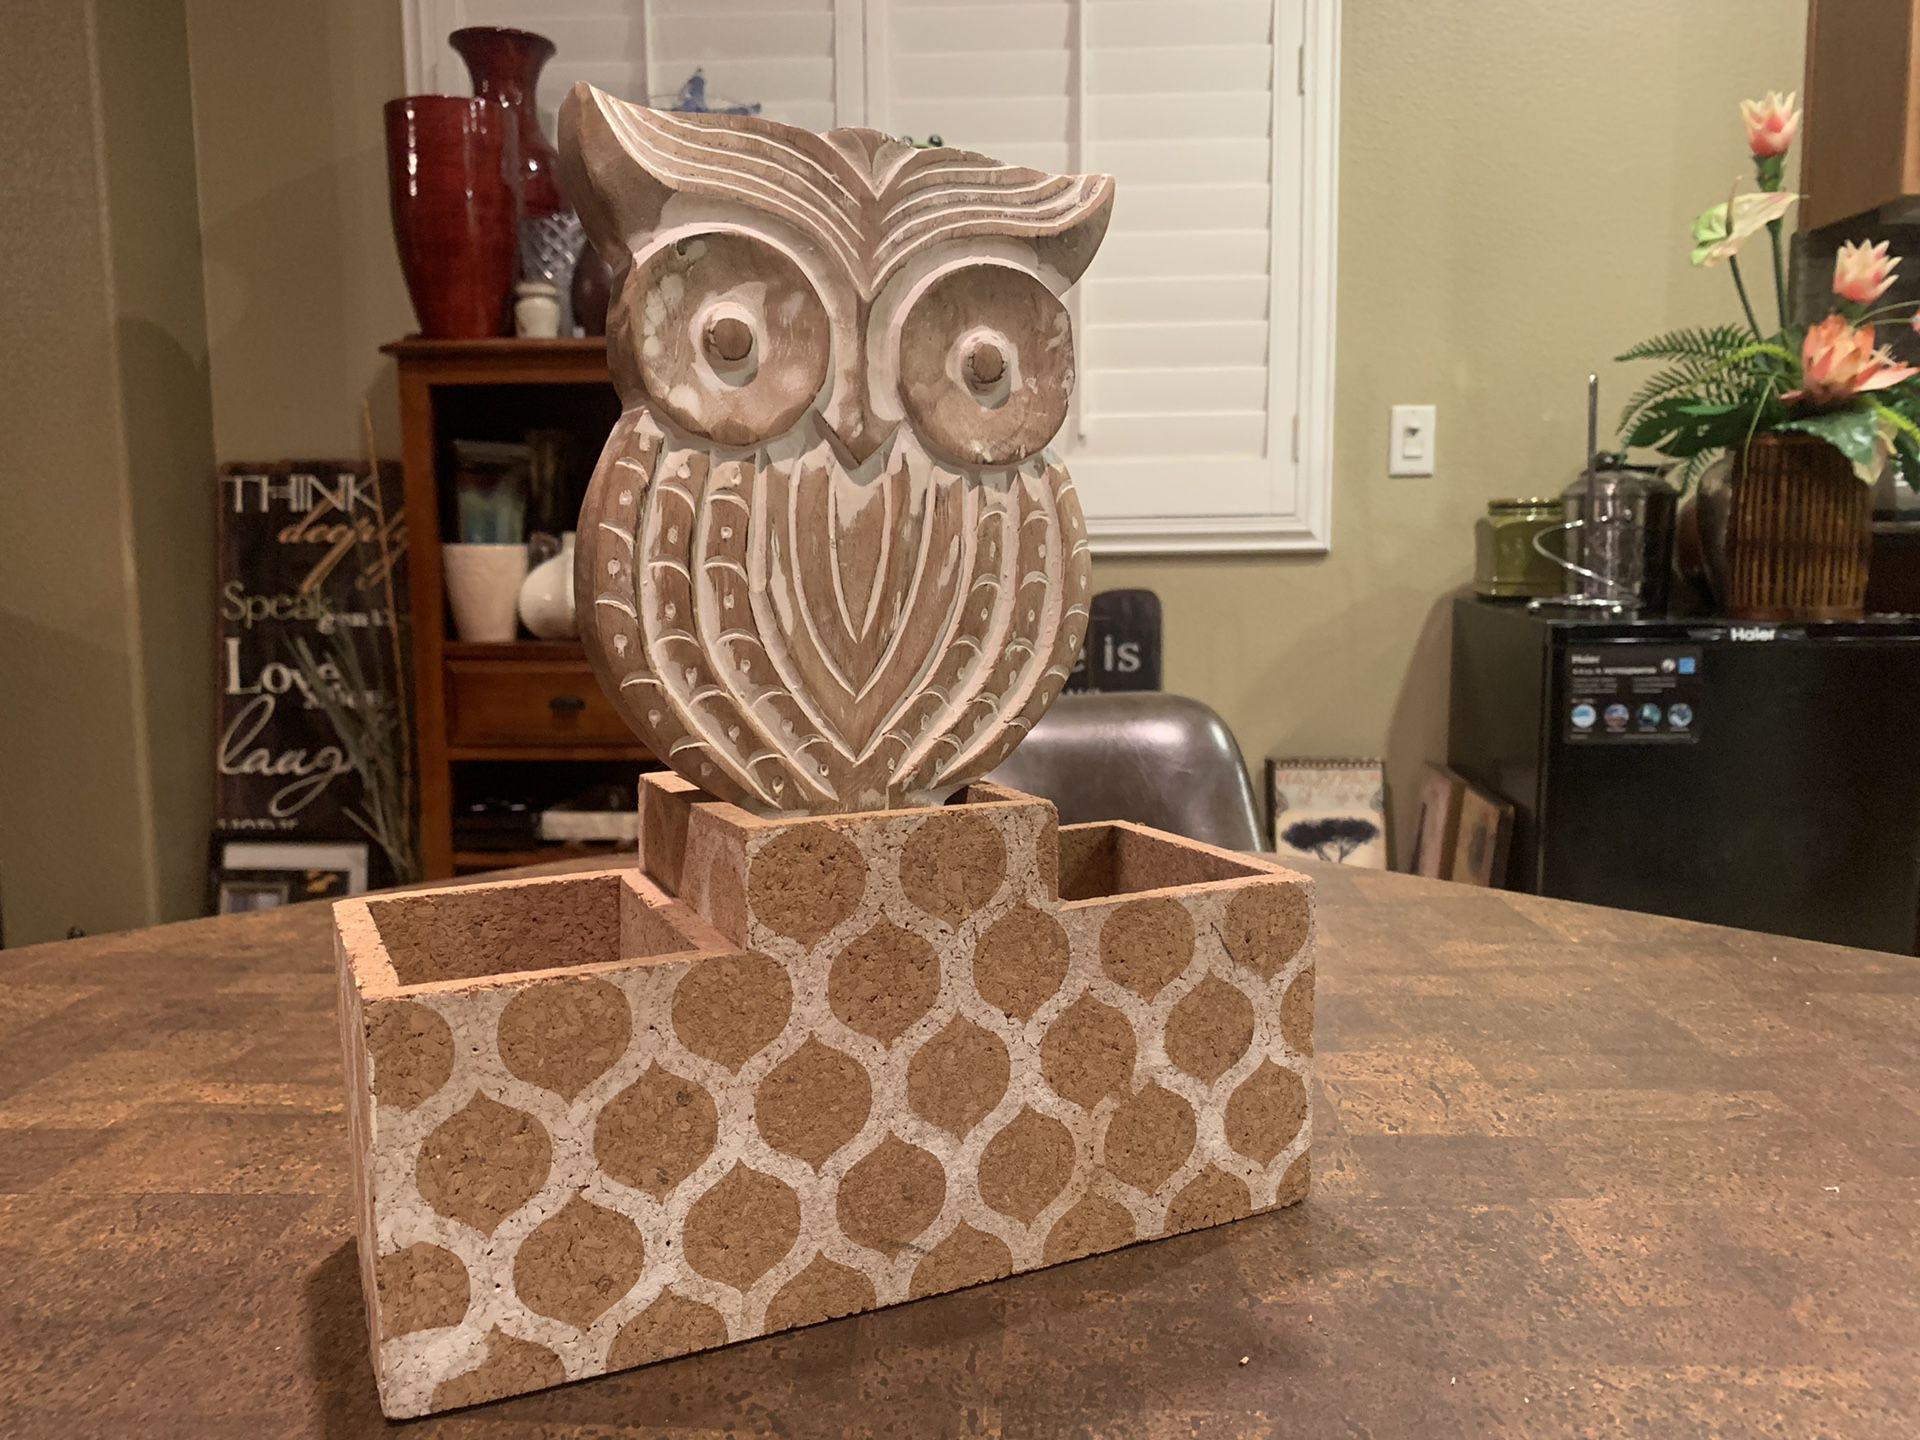 Home Decor owl